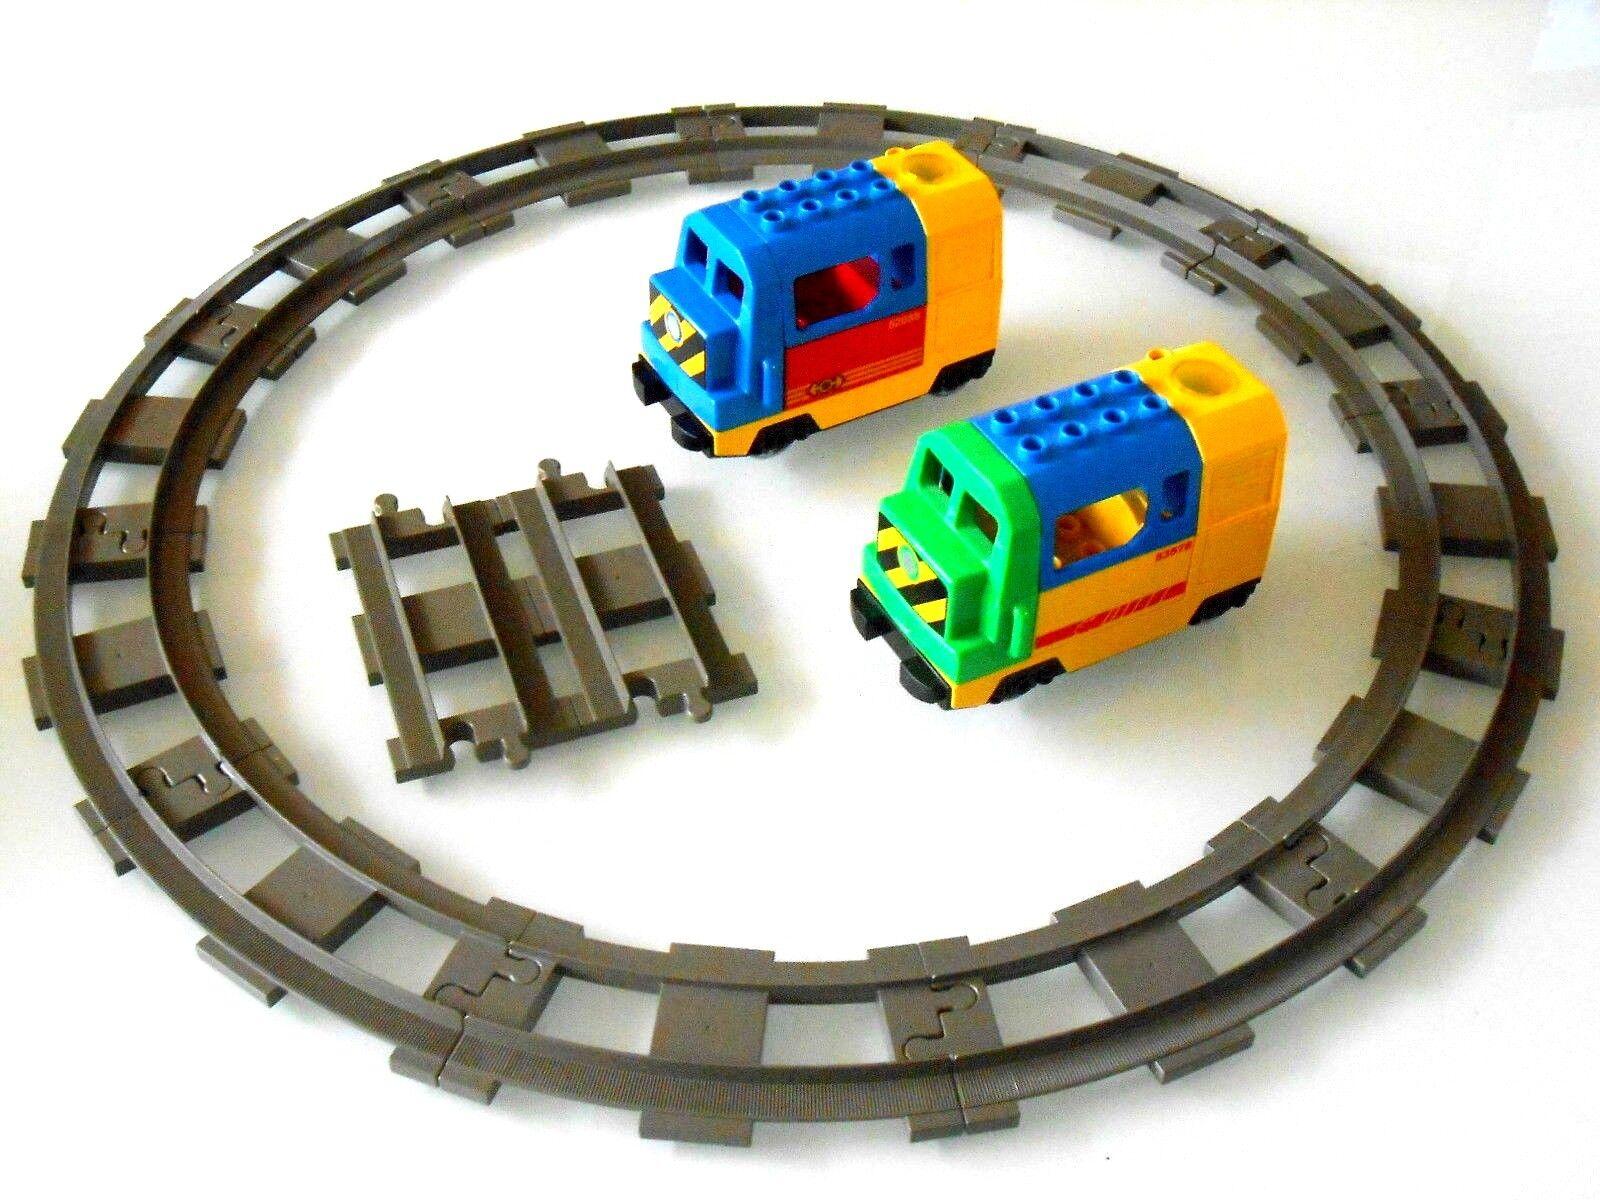 1x Lego Duplo Batteriebetriebene Lego Ville Diesel Lok mit Shienen